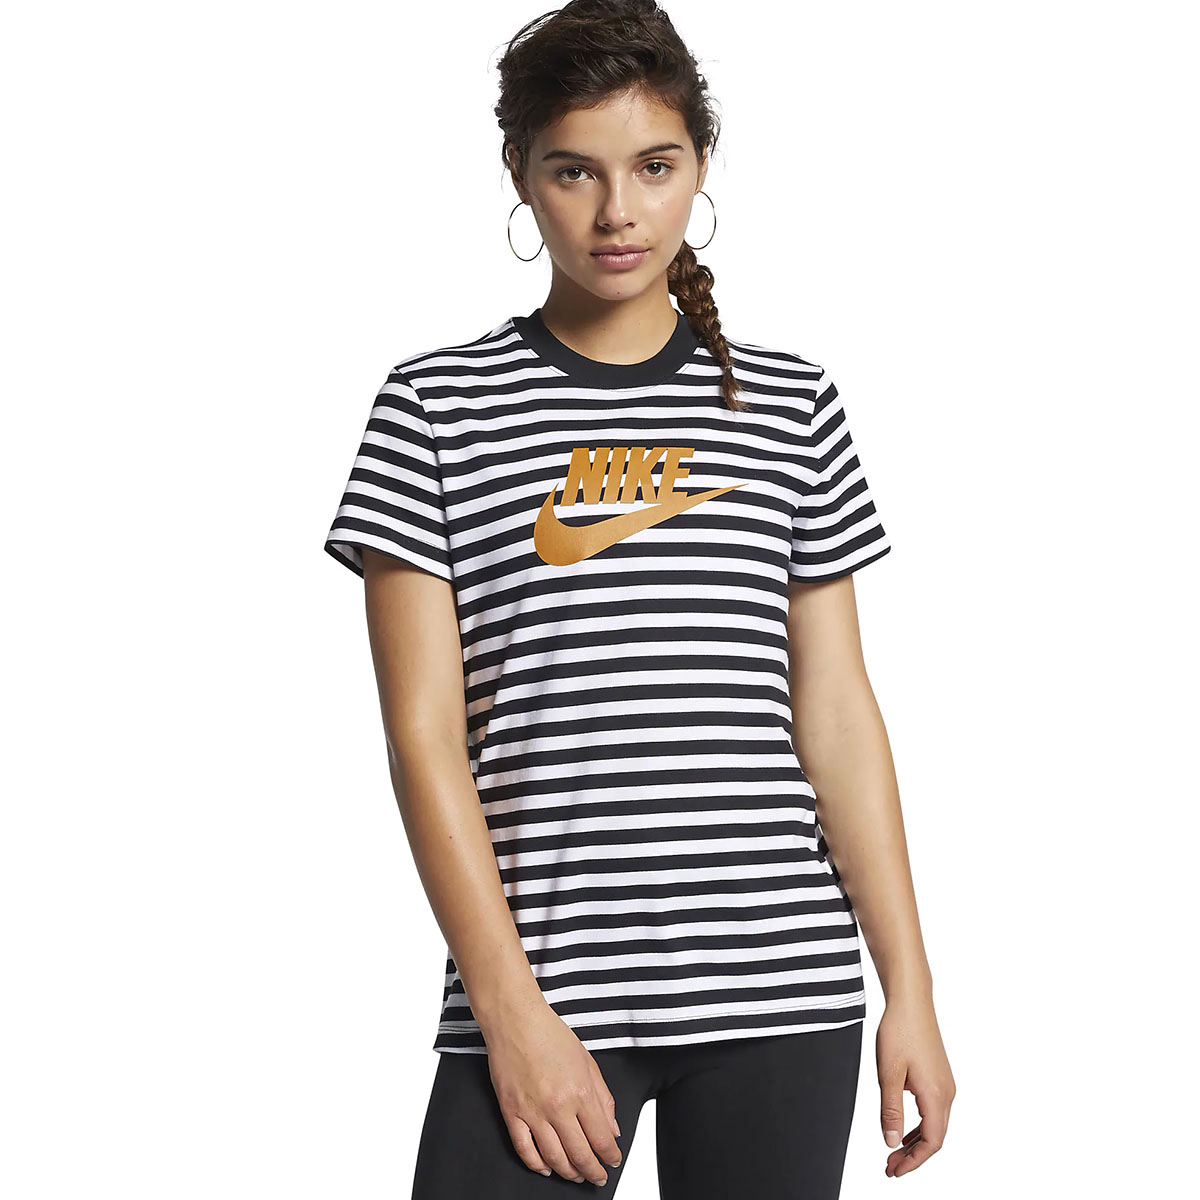 Top La Kadın Çok Renkli Günlük Stil Tişört CD4145-100 1122444